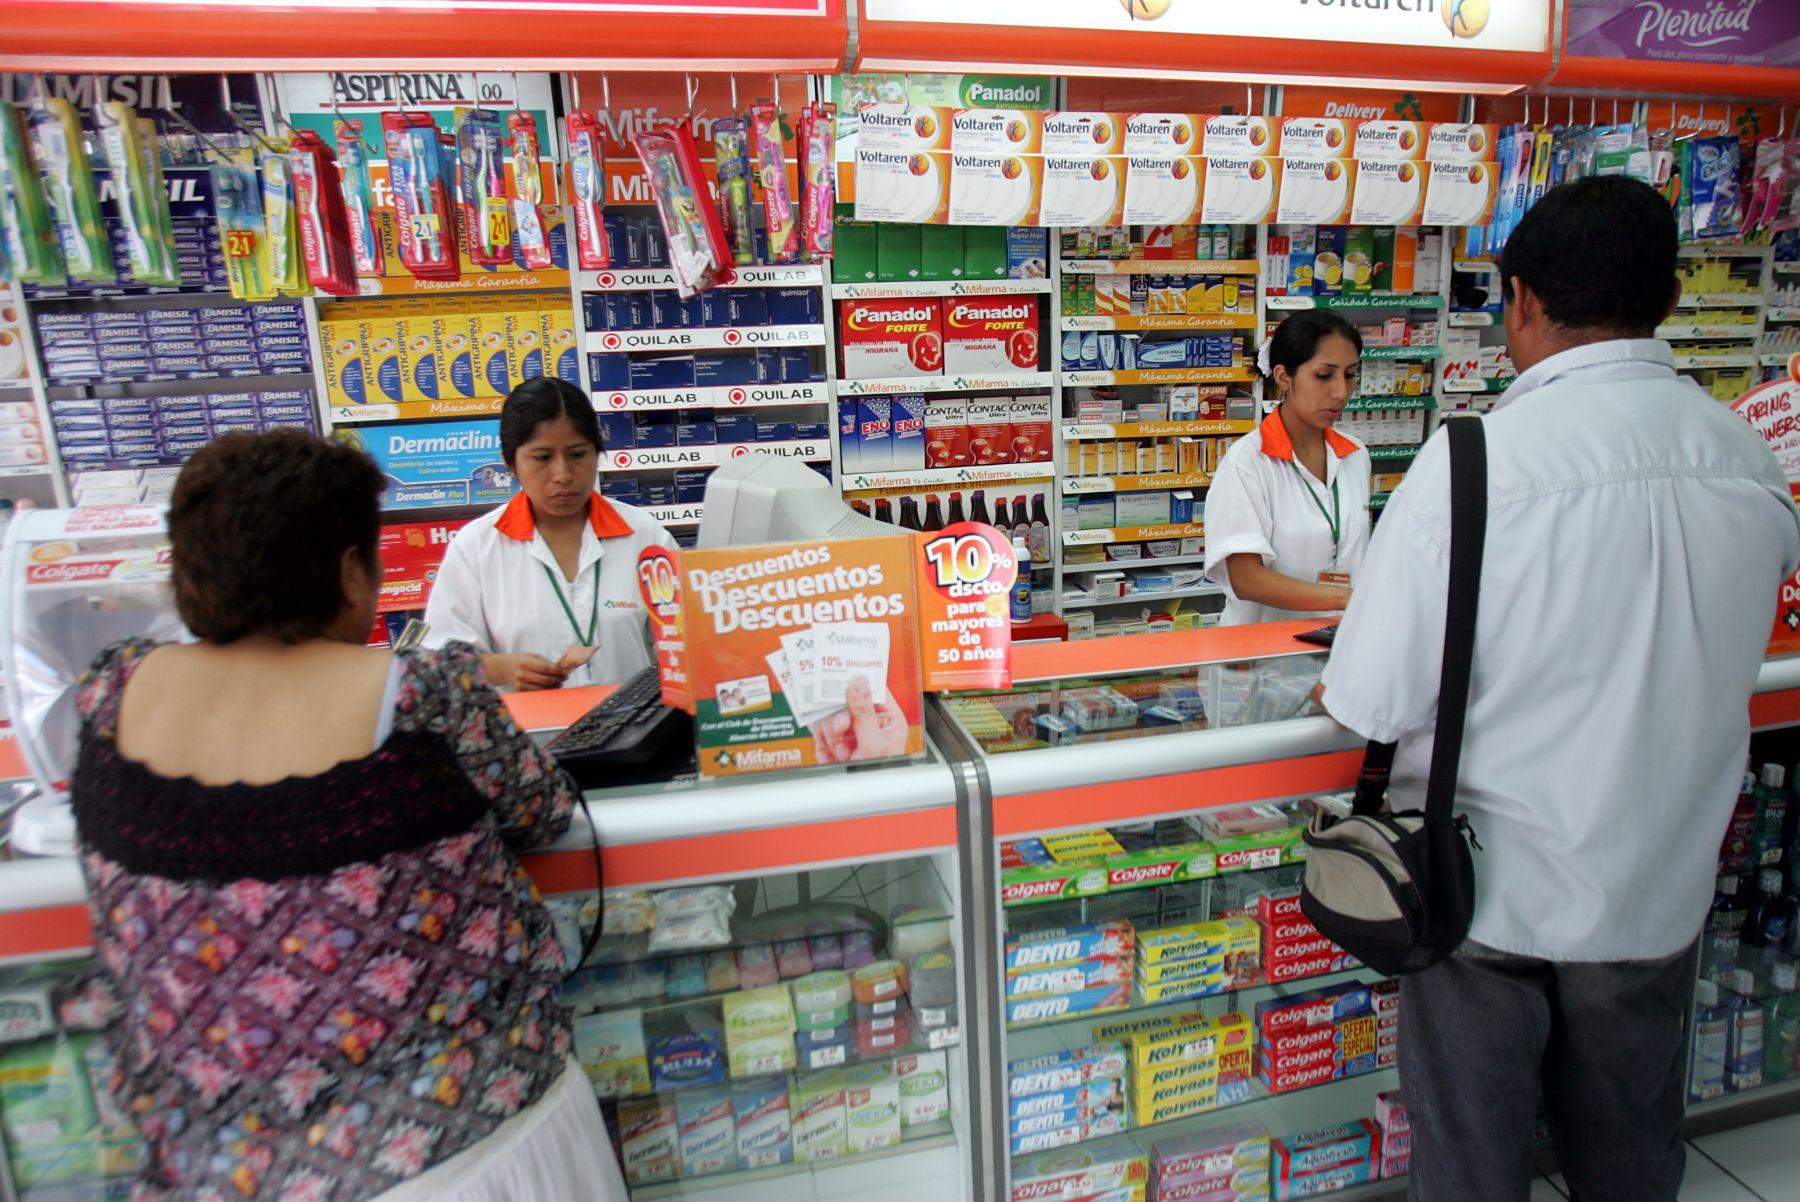 En 30 días farmacias ofrecerán lista de medicamentos al público y en tres meses empezarán las sanciones por incumplimiento. Foto: ANDINA/archivo.